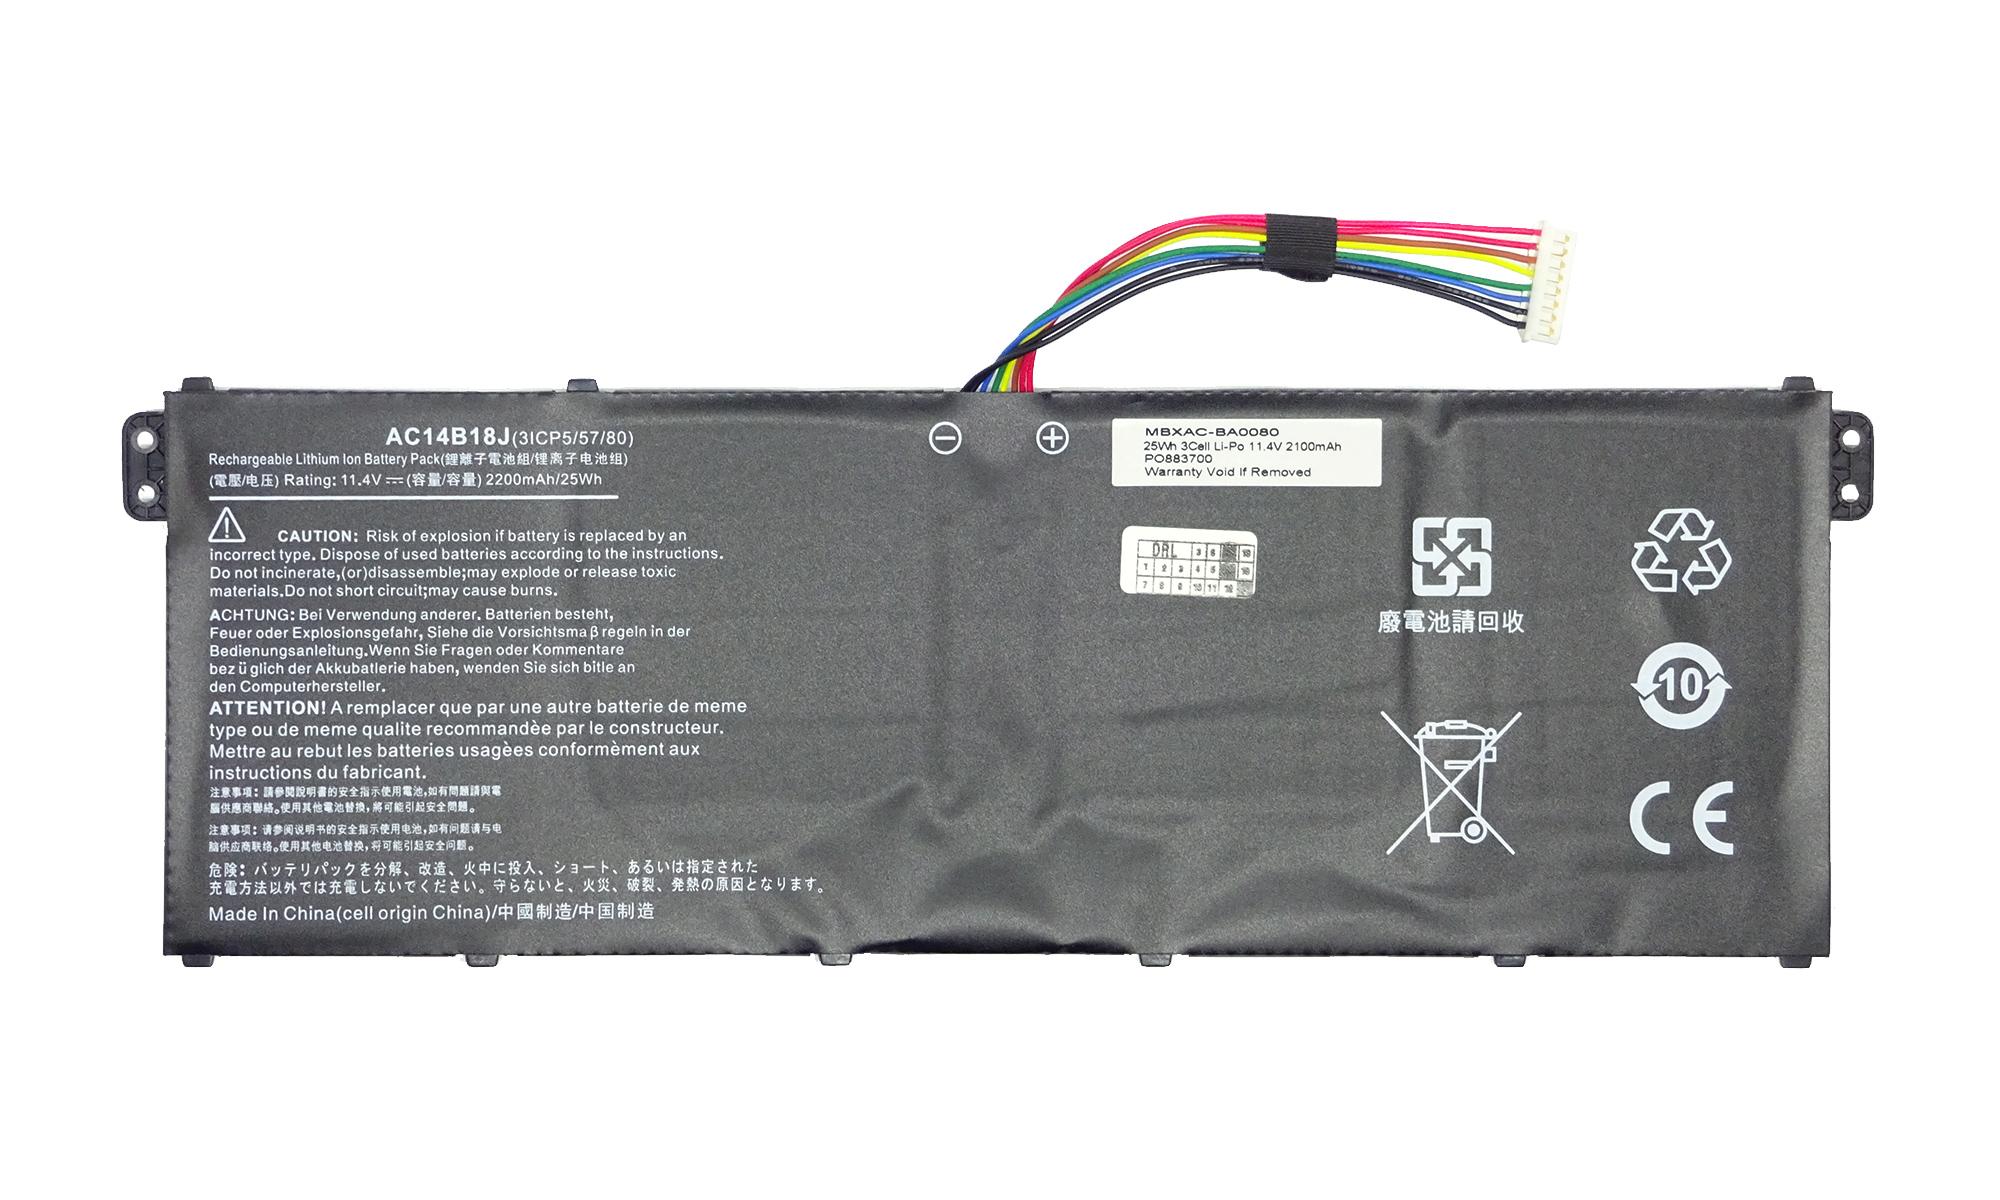 Baterie compatibila laptop Packard Bell EasyNote LG81BA, TE70BH, TF71BM, TG71BM, TG81BA, TG83BA, 11.4V, 2200 mAh, 25 Wh